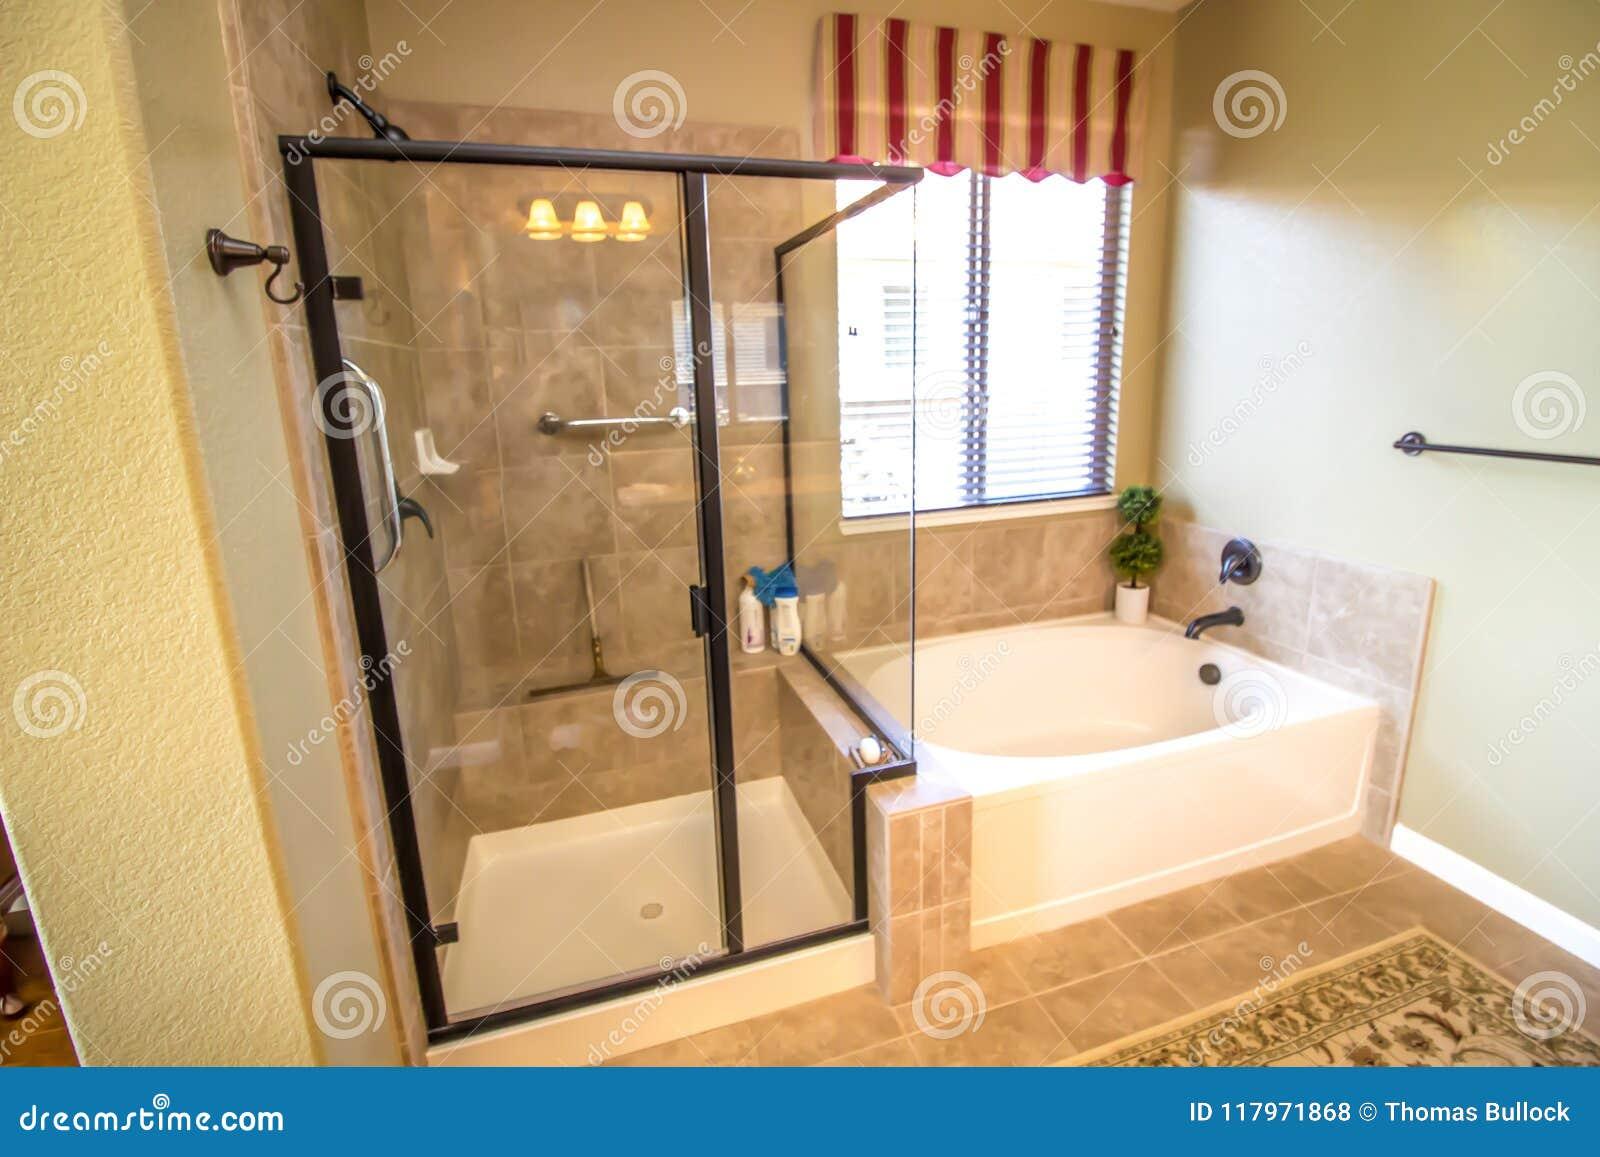 Cuarto de ba o moderno con la ducha y la tina foto de archivo imagen de barra decoraci n - Cuartos de bano modernos con ducha ...